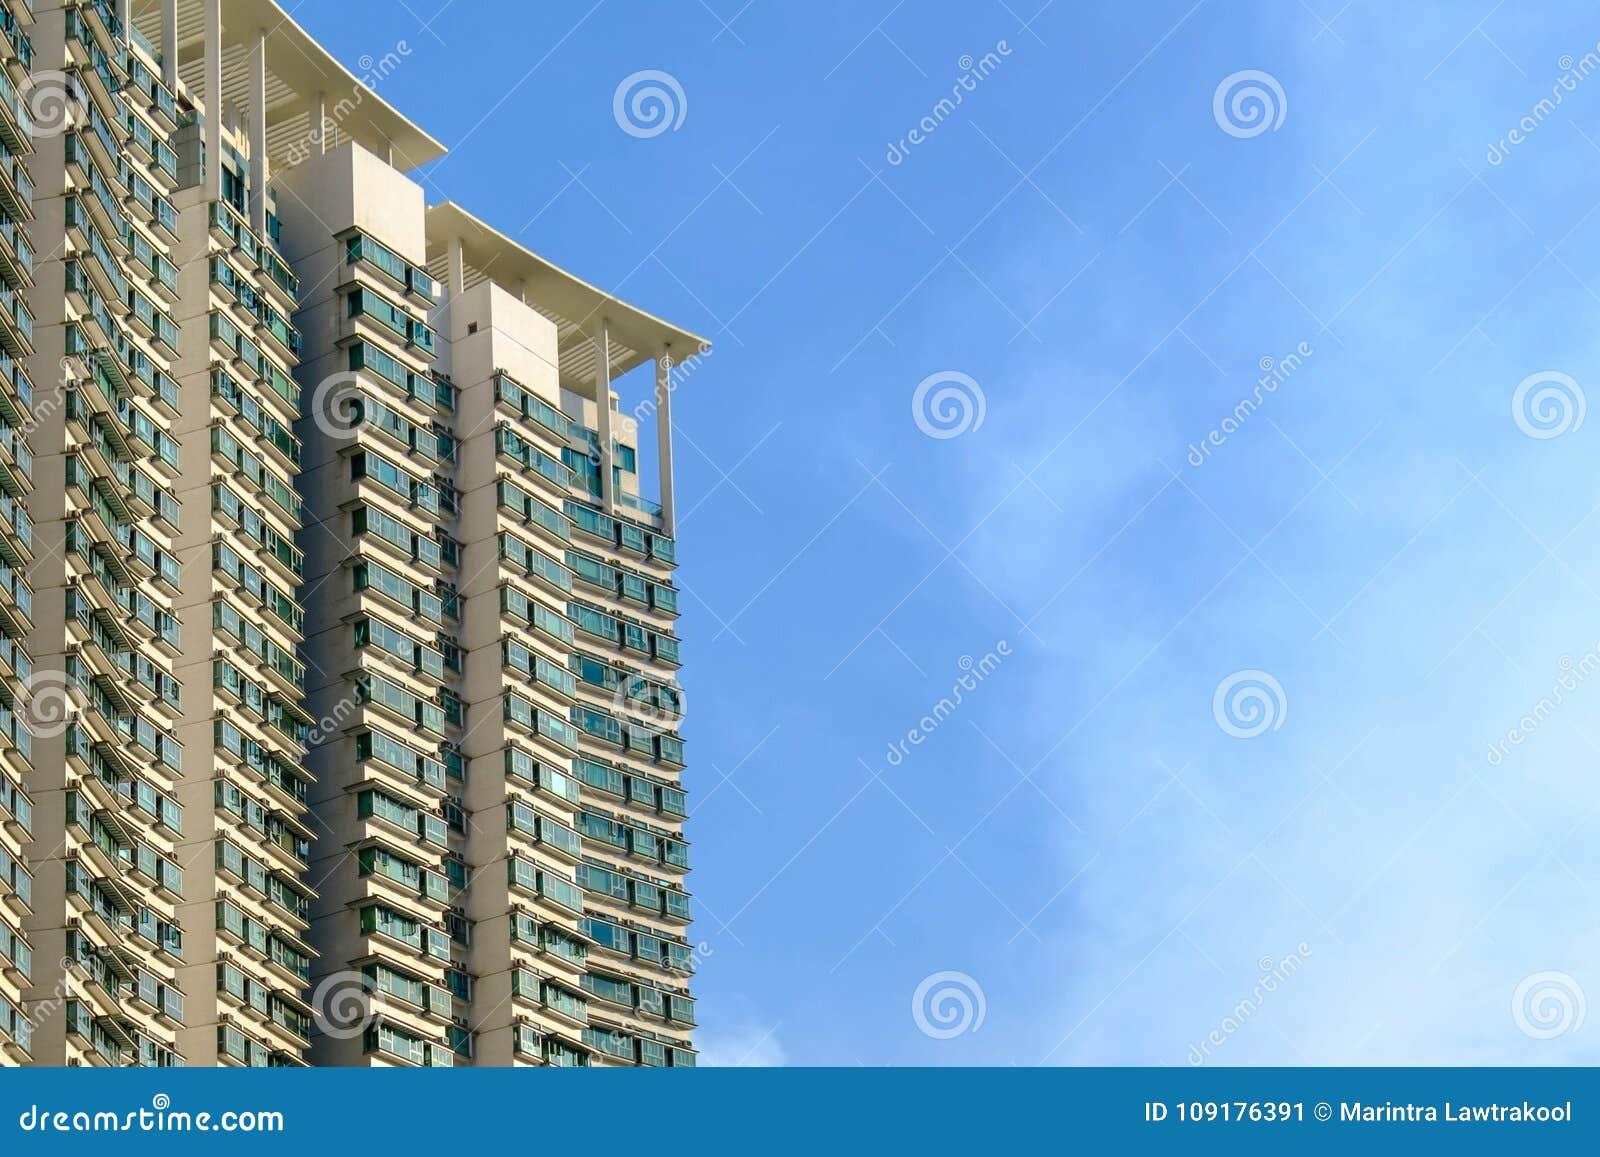 Hong Kong-de ingezetenen zullen het meest in lange gebouwen leven wegens